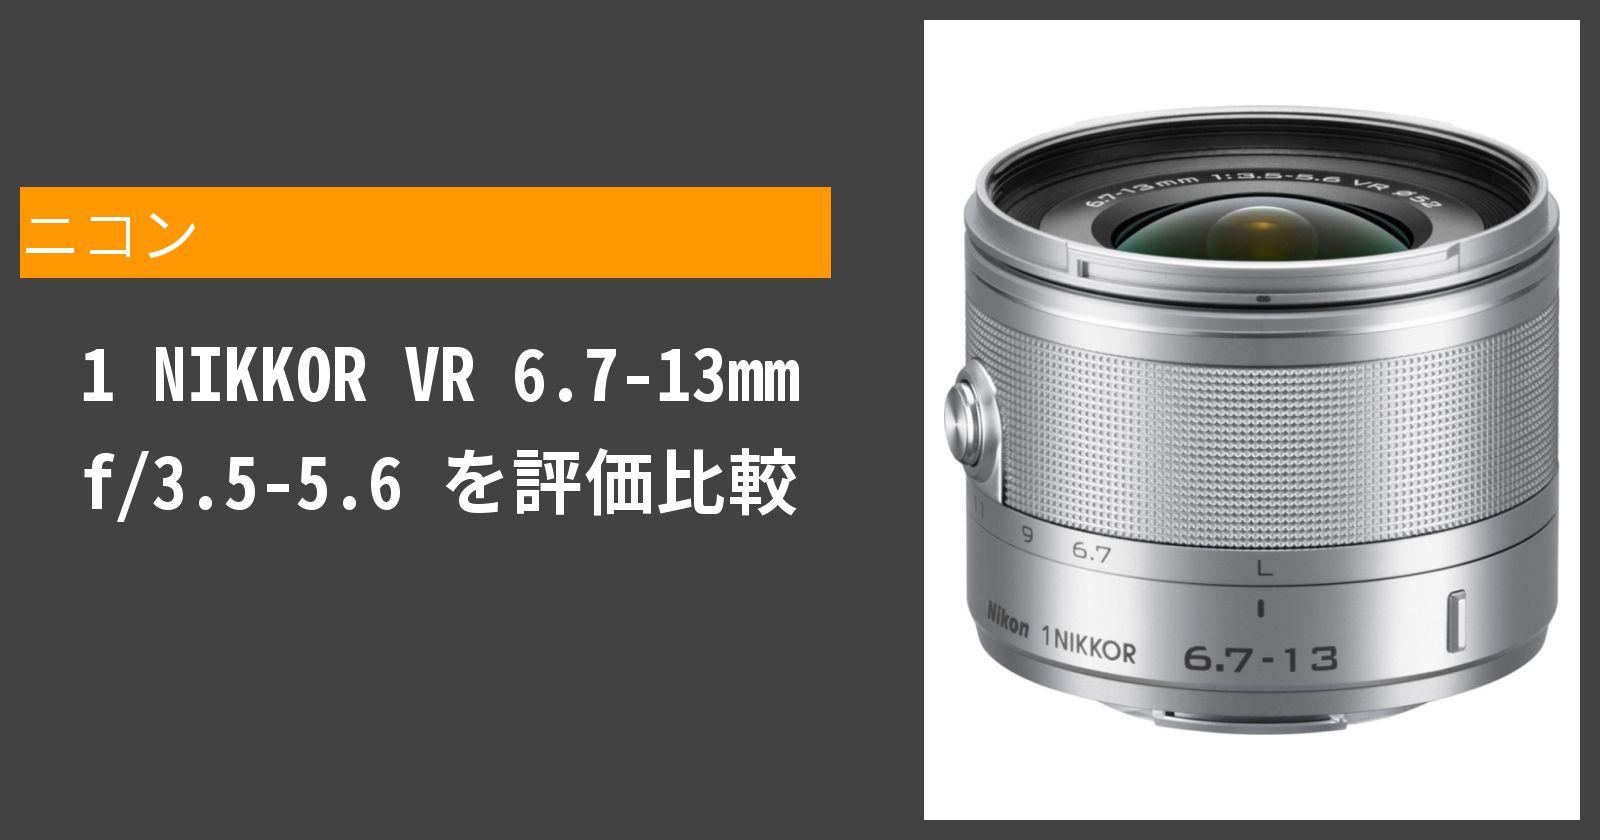 1 NIKKOR VR 6.7-13mm f/3.5-5.6を徹底評価